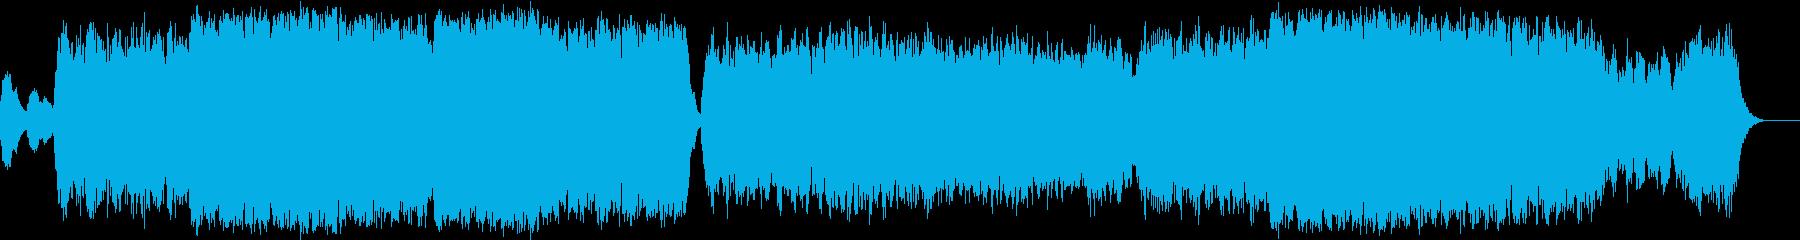 ピアノが印象的でミサ曲のようなバラードの再生済みの波形